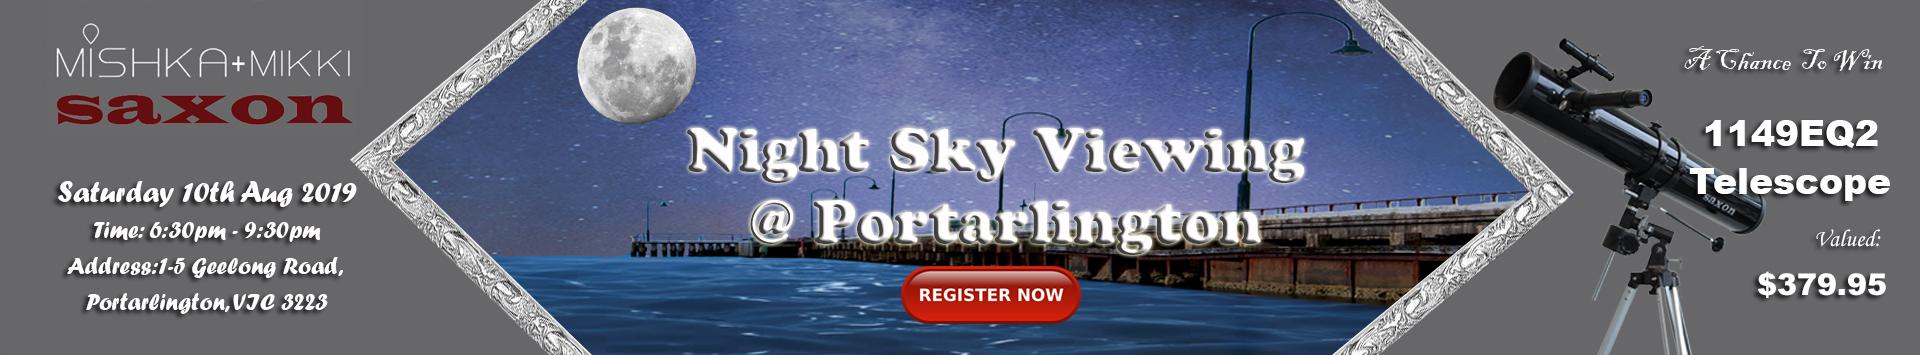 Night Sky Viewing @ Portarlington